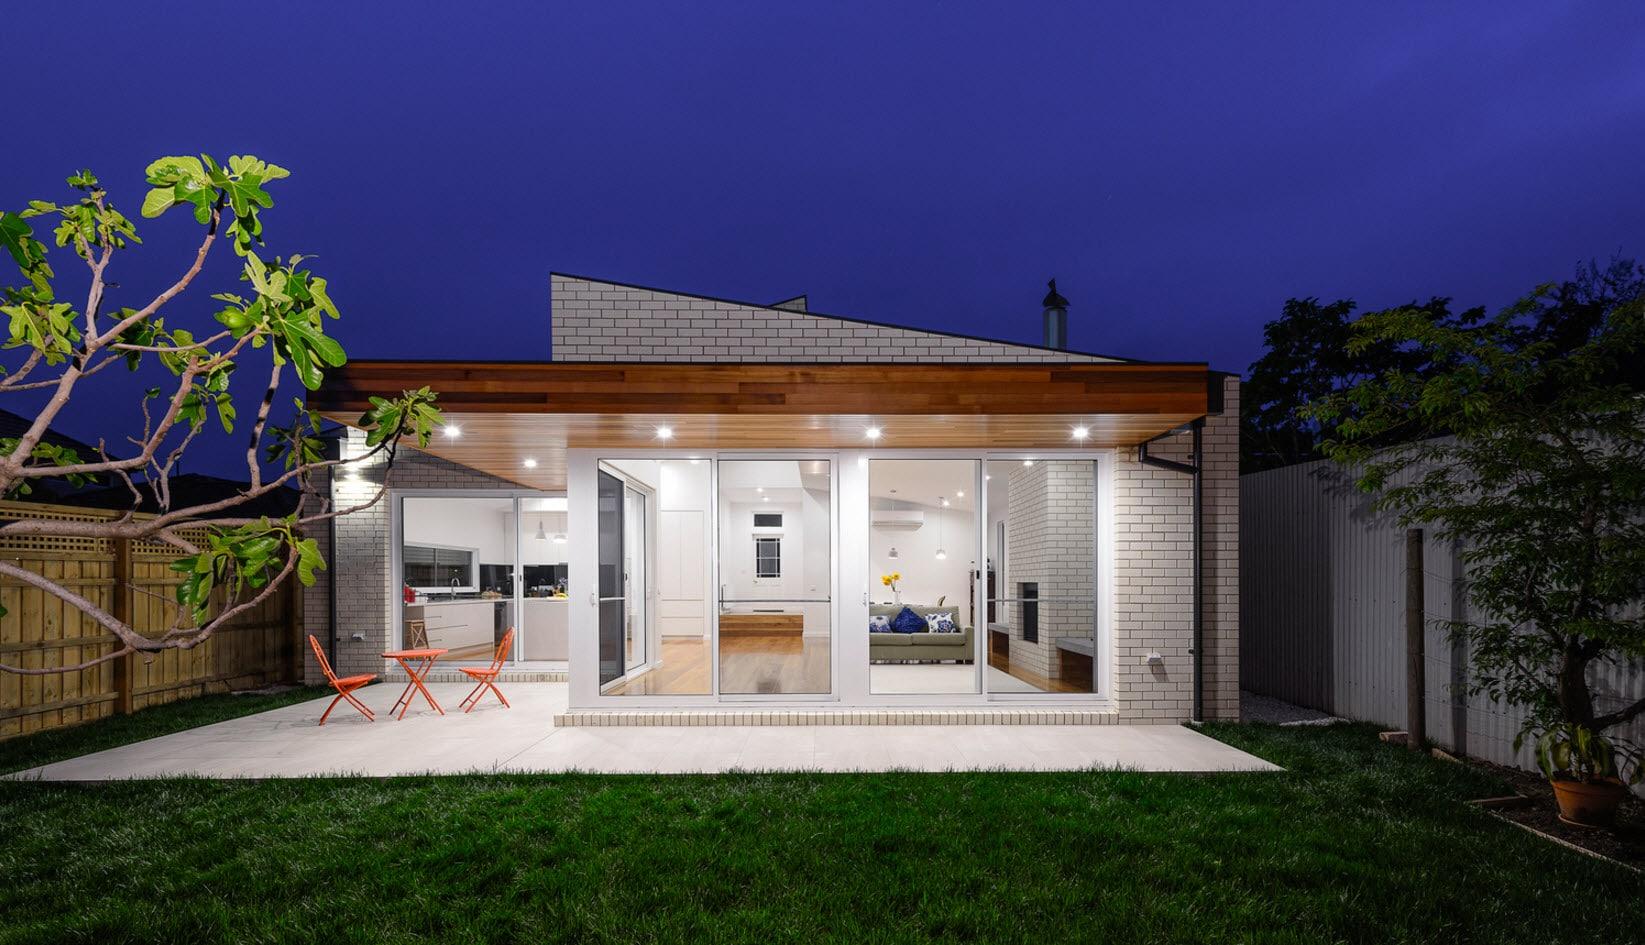 Dise o de casa moderna de un piso planos y fachadas Pisos para exteriores de casas modernas